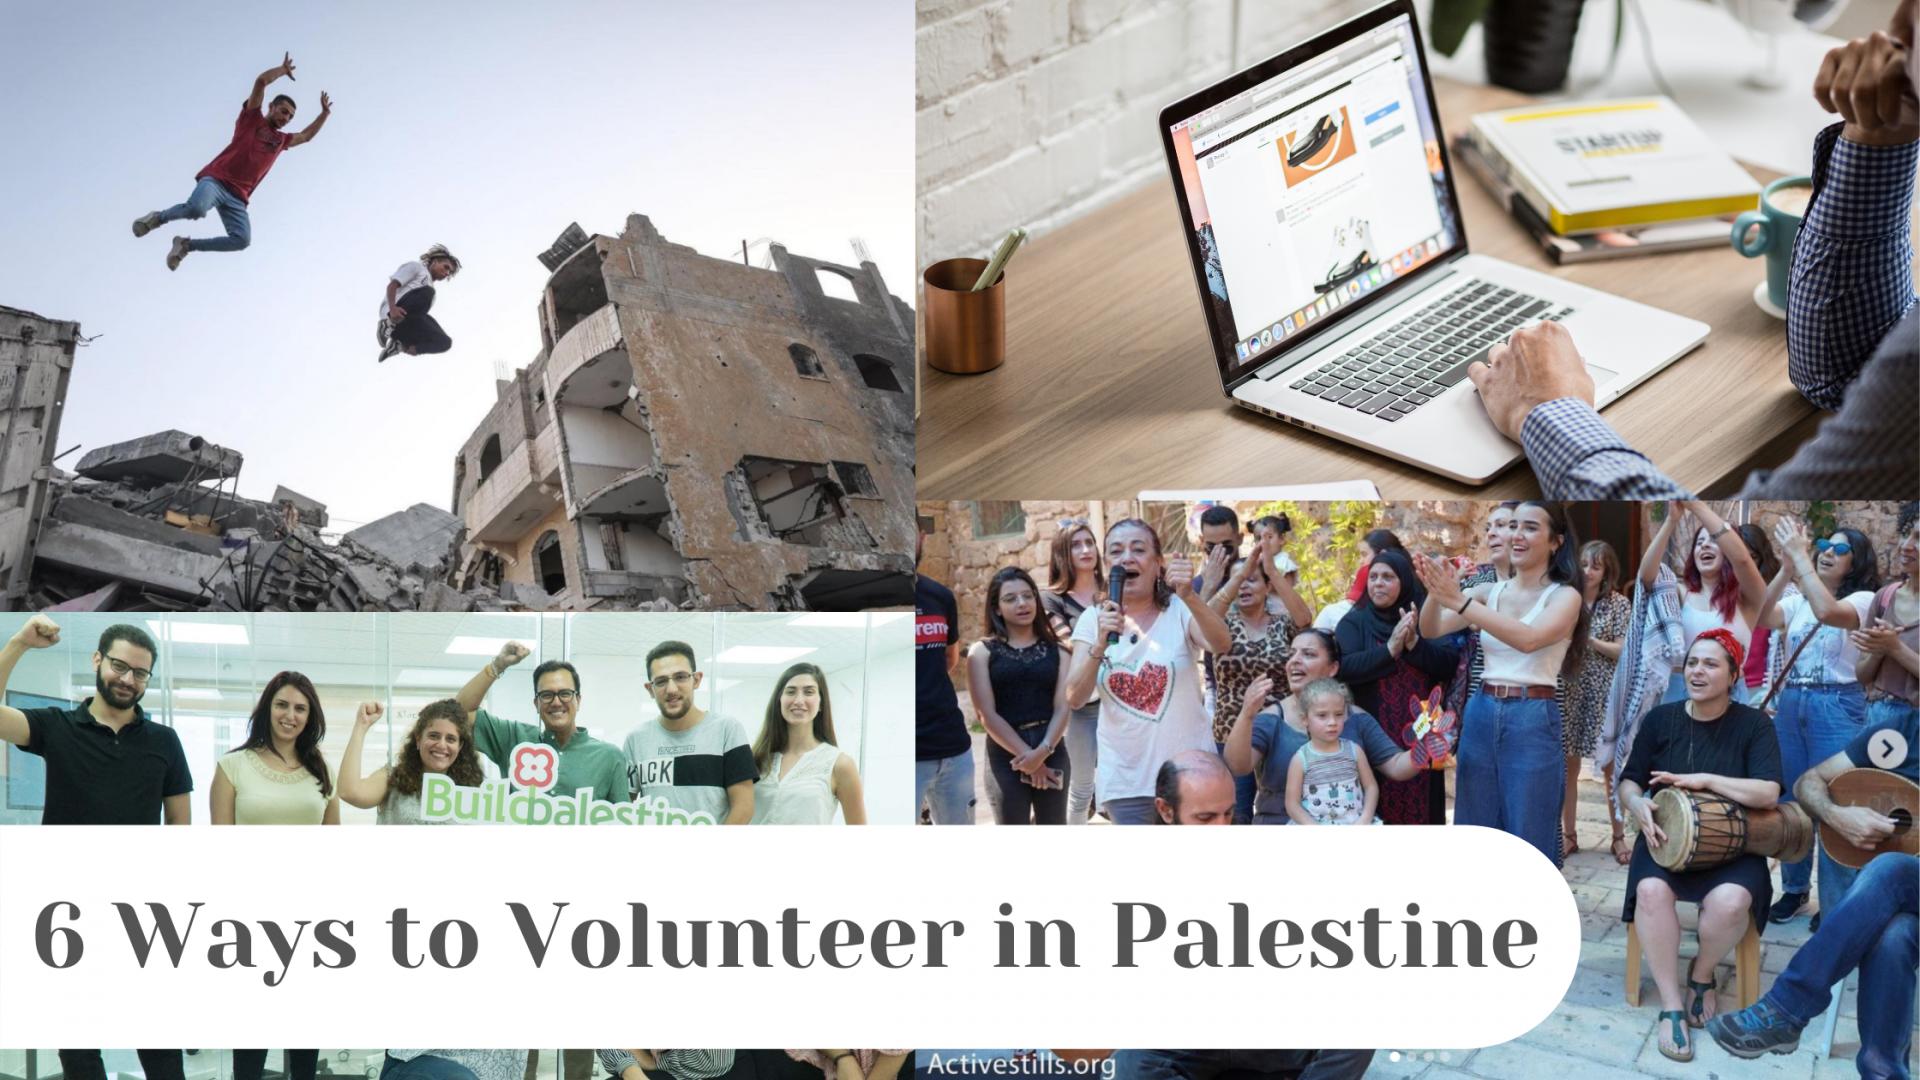 6 Ways to Volunteer in Palestine